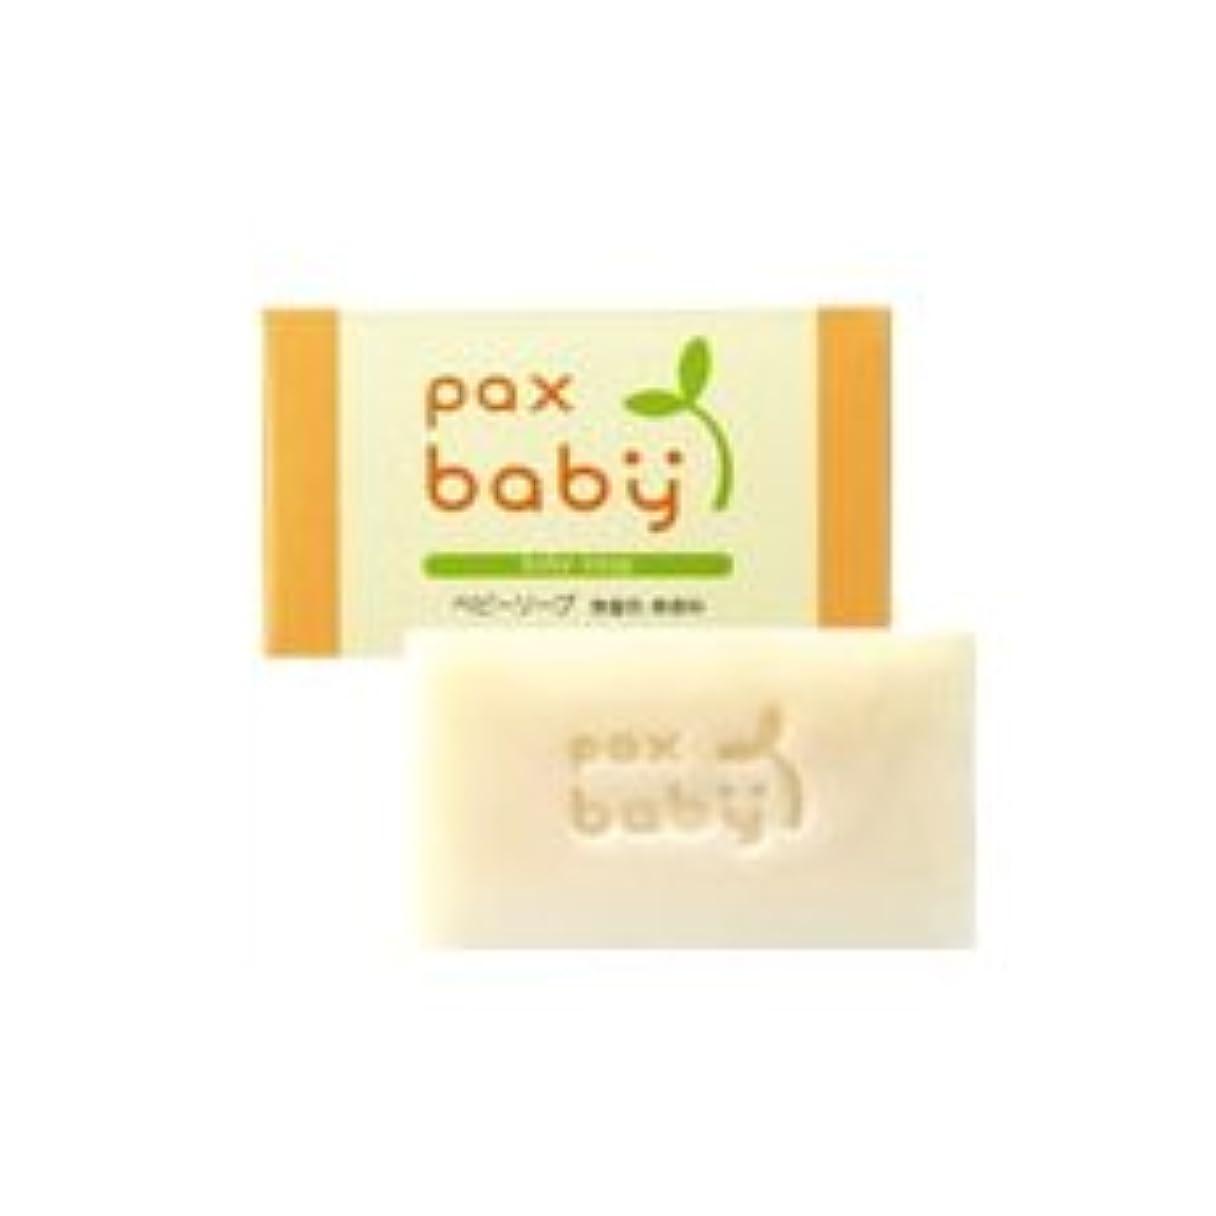 太陽油脂 pax baby パックスベビー ソープ 100g[cosme]